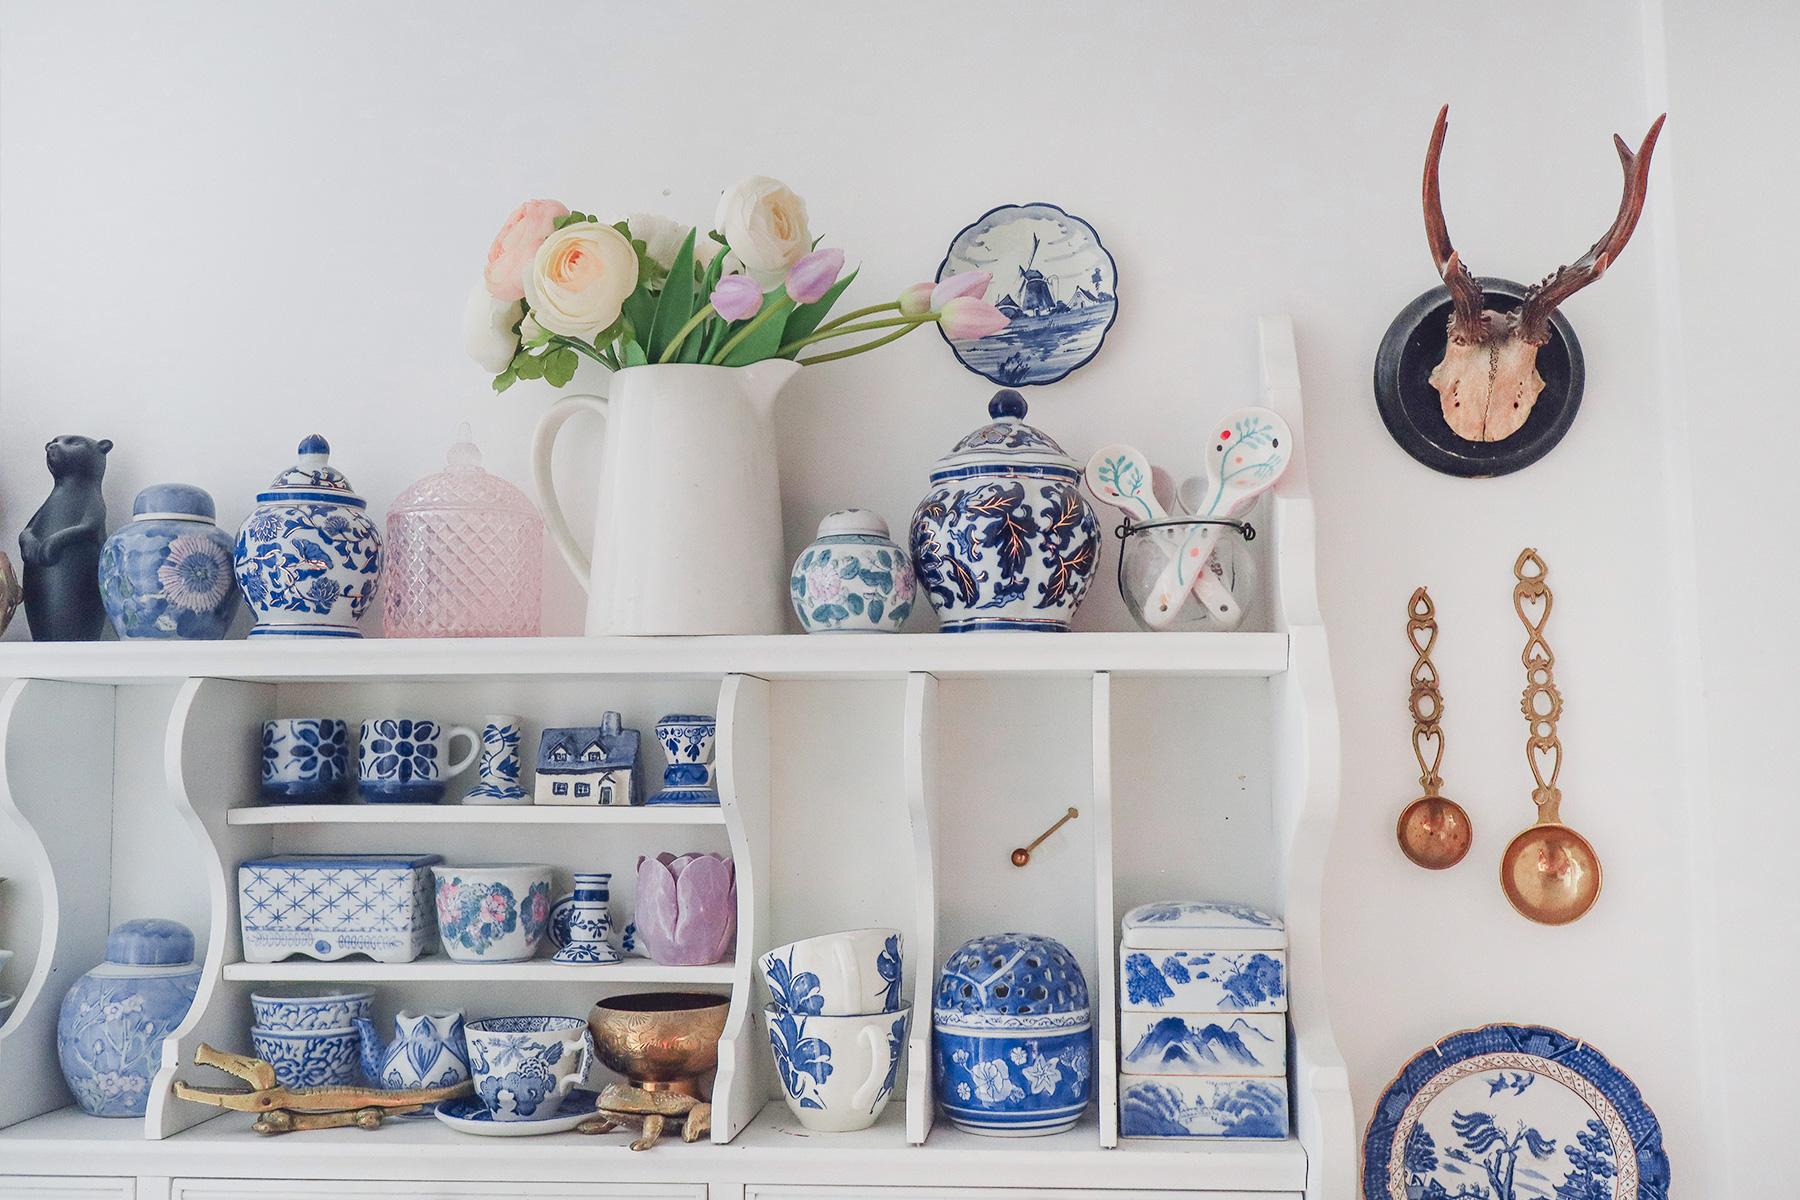 Moja kolekcja ceramiki w kolorze kobaltowym